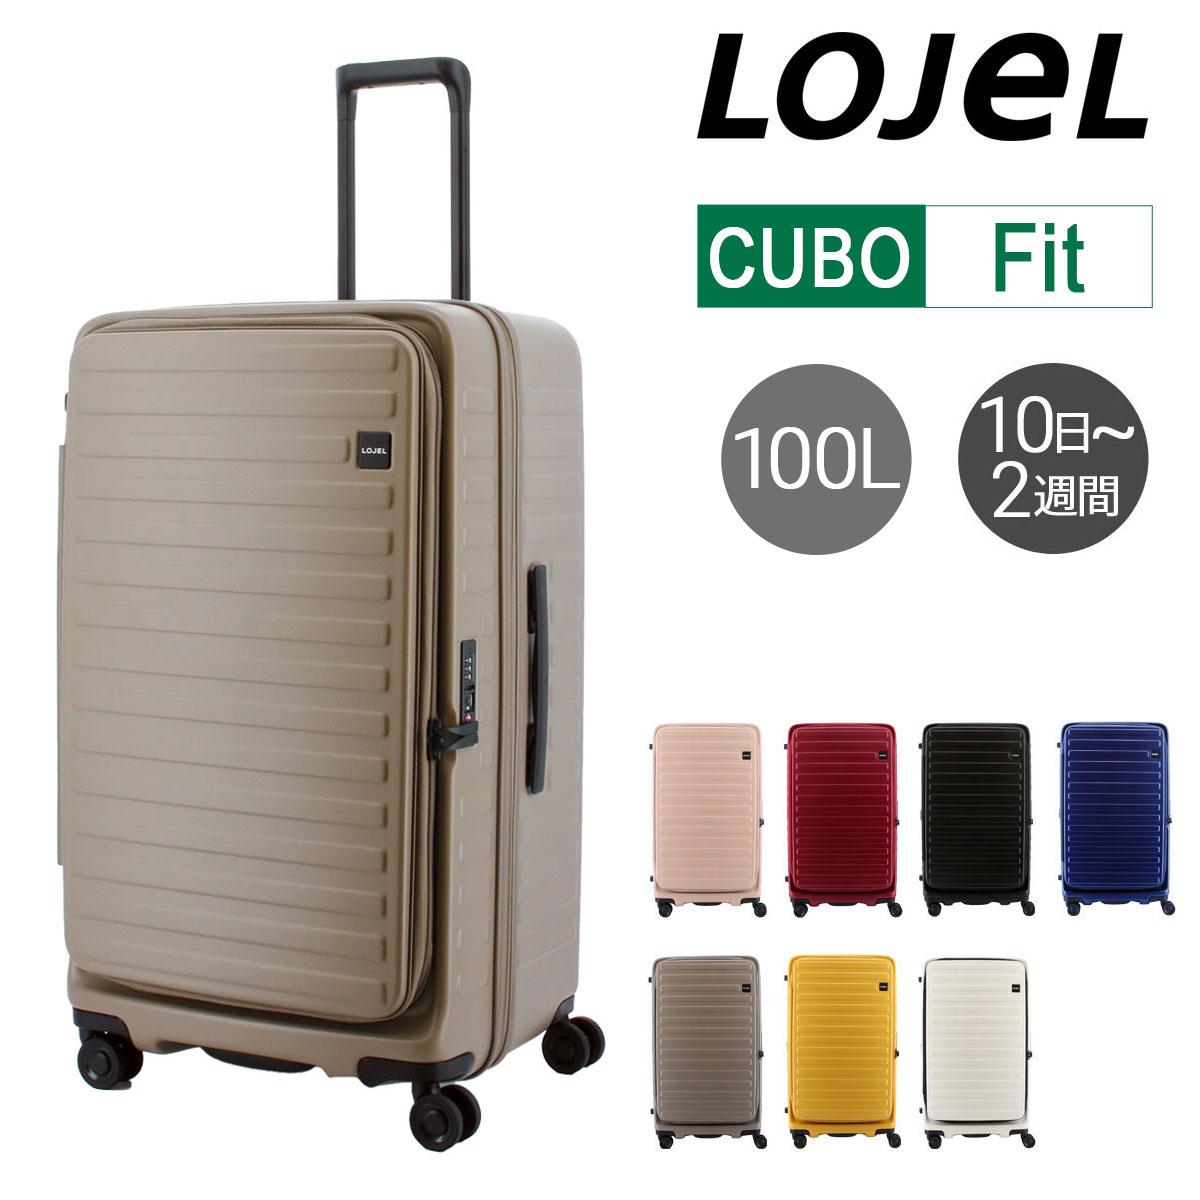 ロジェール スーツケース 100L 76.5cm 4.9kg CUBO FIT LOJEL | ハード ファスナー | キャリーケース キャリーバッグ ビジネスキャリー 拡張 エキスパンダブル TSAロック搭載 [PO10][bef]